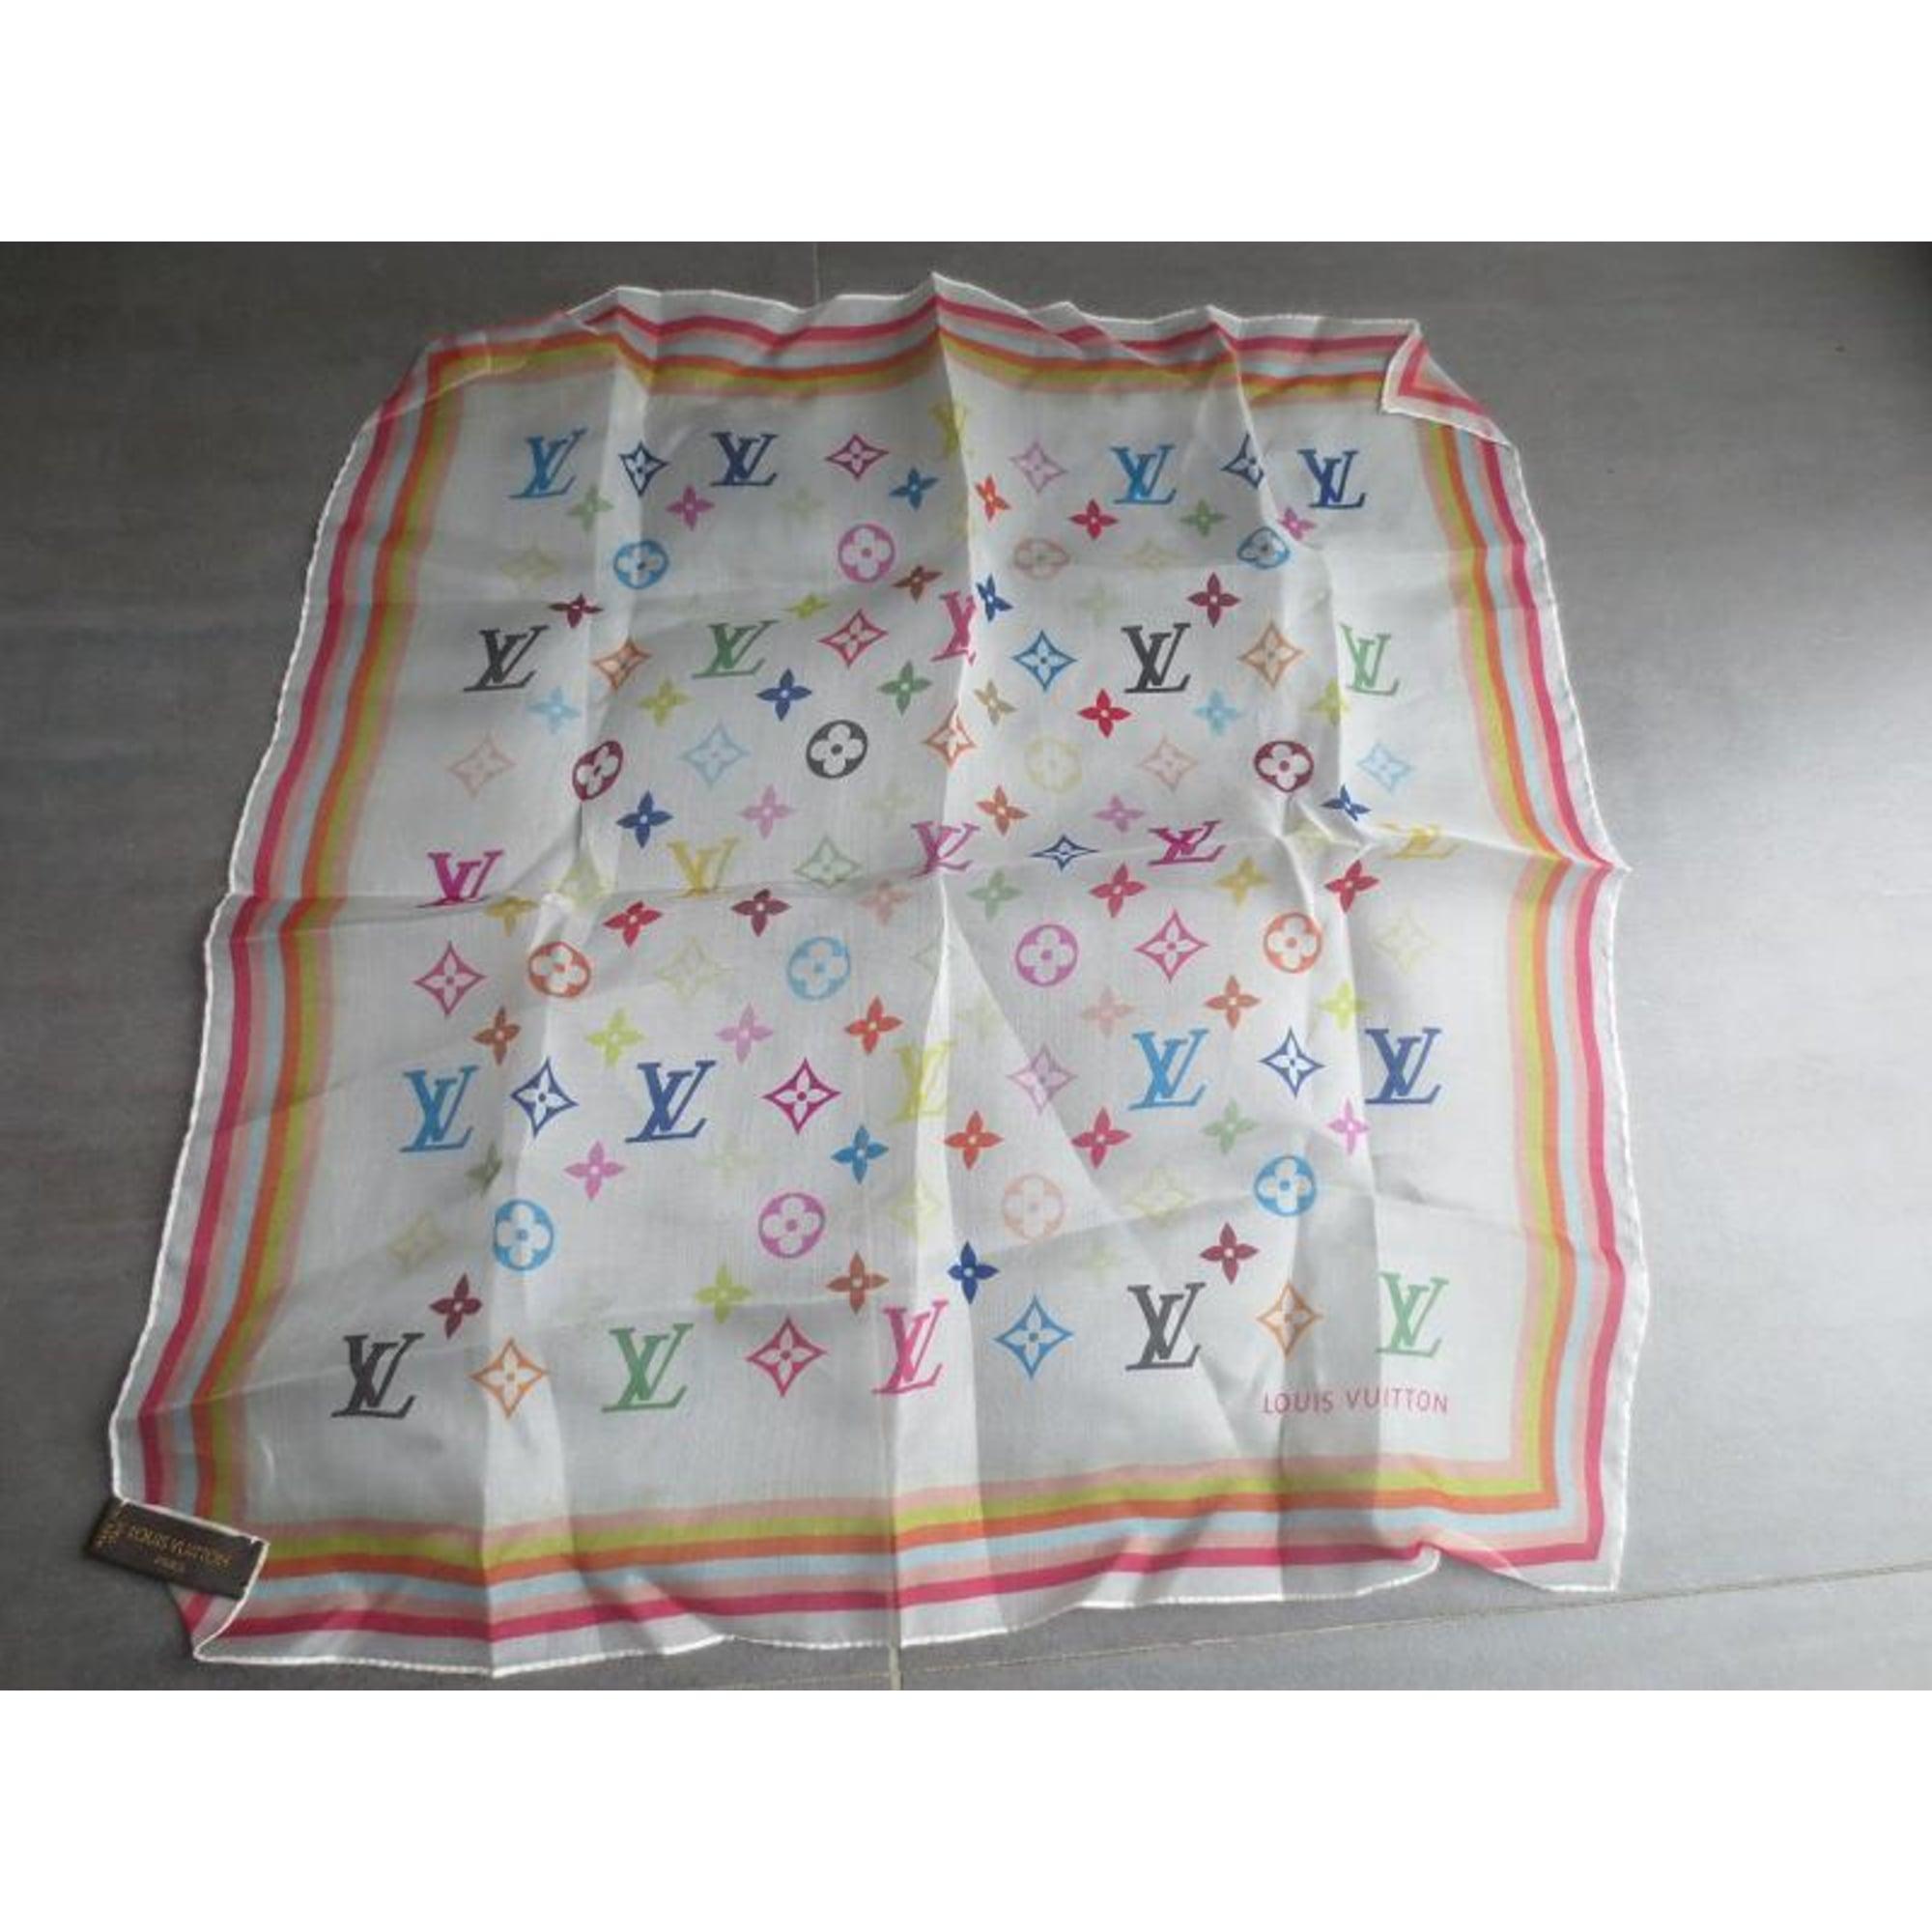 Foulard LOUIS VUITTON multicouleur vendu par My pink bubble435300 839f06630aa